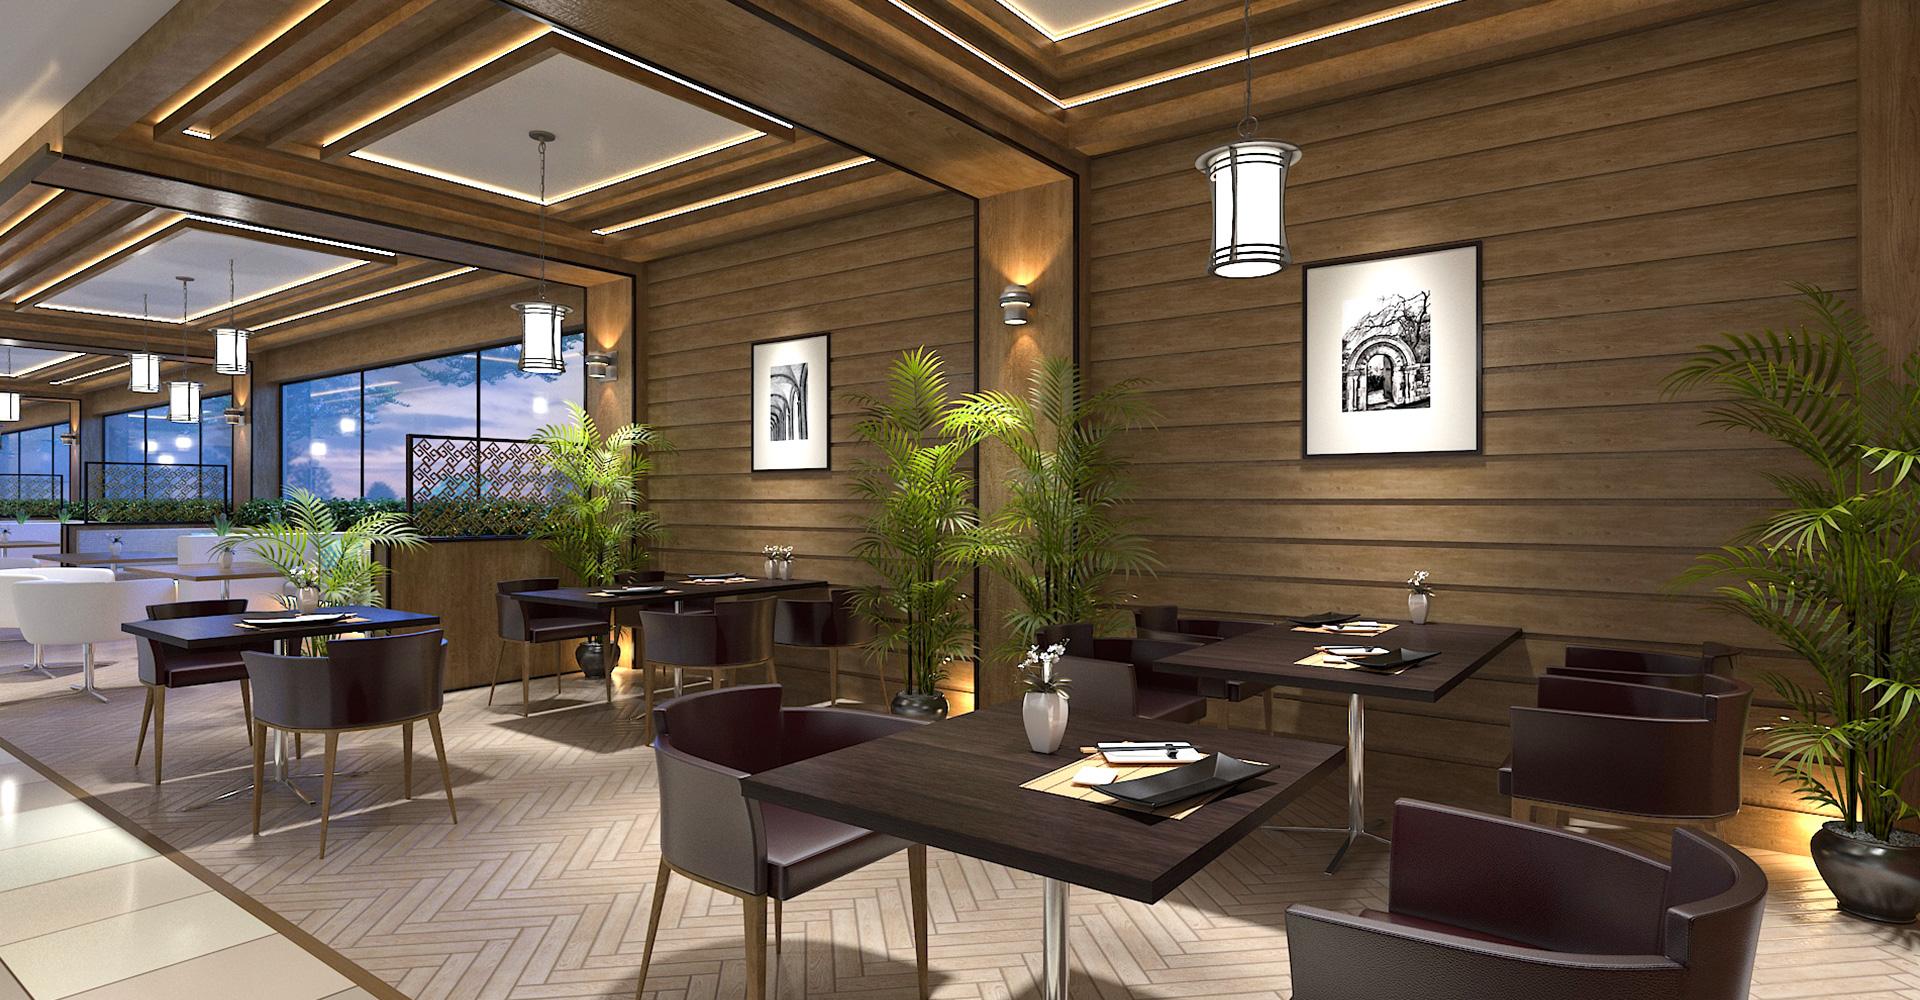 rstaurant-interior-design-hiline-lahore-portfolio-jasmine-mall-02